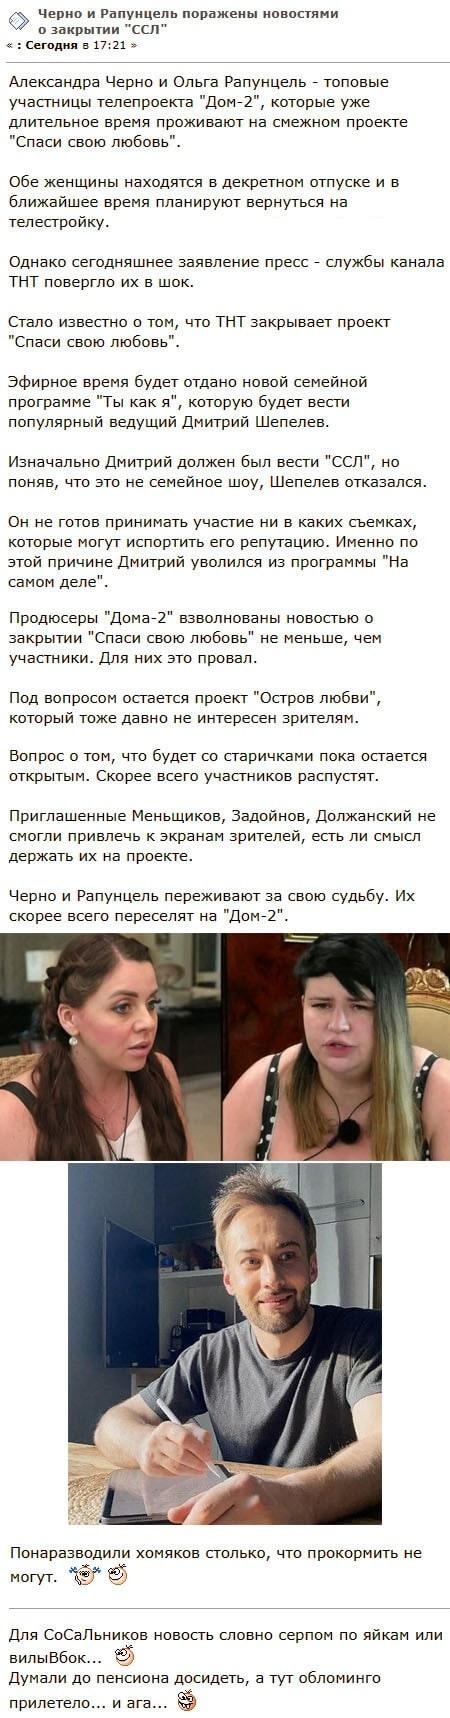 Александра Черно и Ольга Рапунцель не смогут вернуться на проект